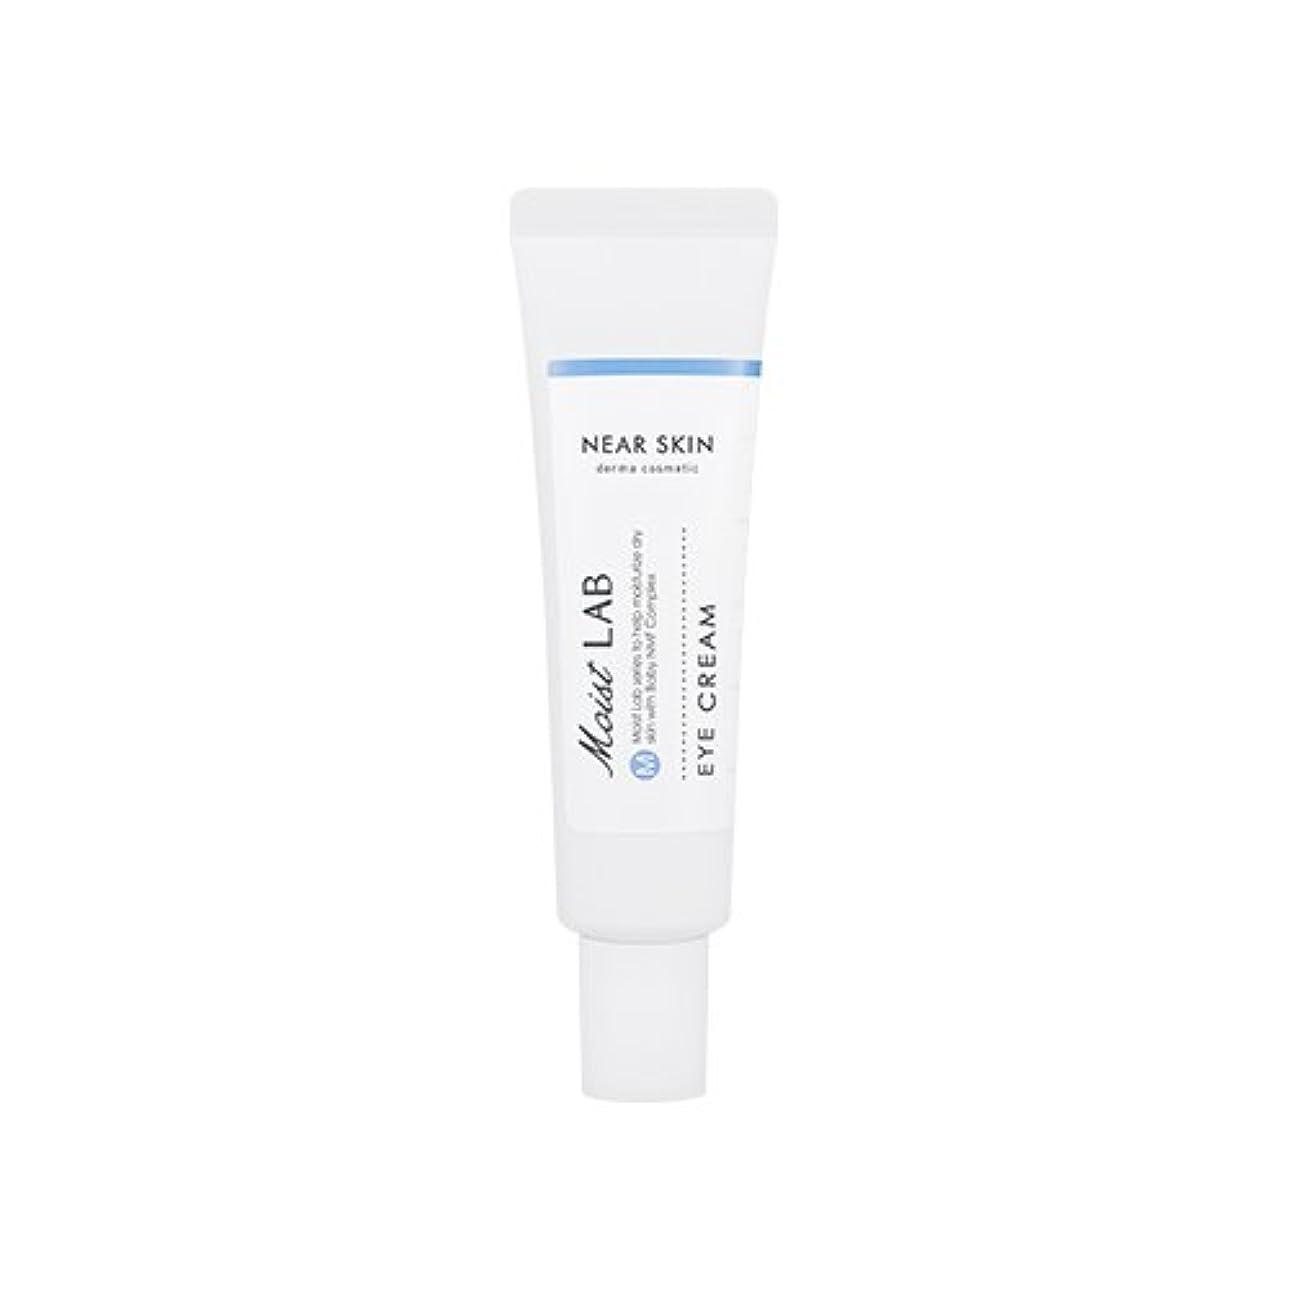 発動機メールを書くサスペンションMISSHA NEAR SKIN Derma Cosmetic Moist LAB (Eye Cream) / ミシャ ニアスキン ダーマコスメティックモイストラボ アイクリーム 30ml [並行輸入品]